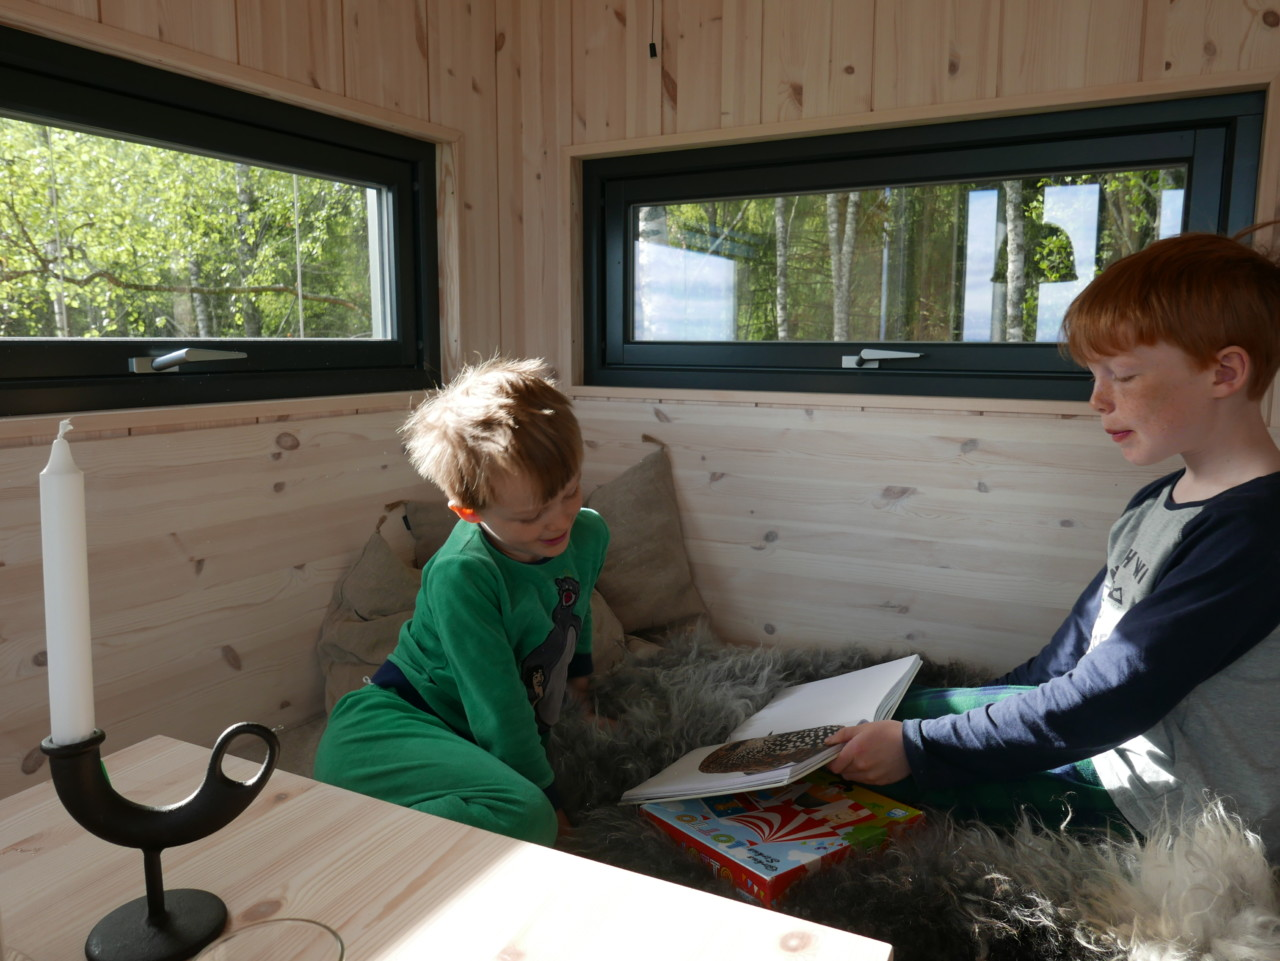 gutter-pysjamas-bok-toten-tretopphytte-green-house